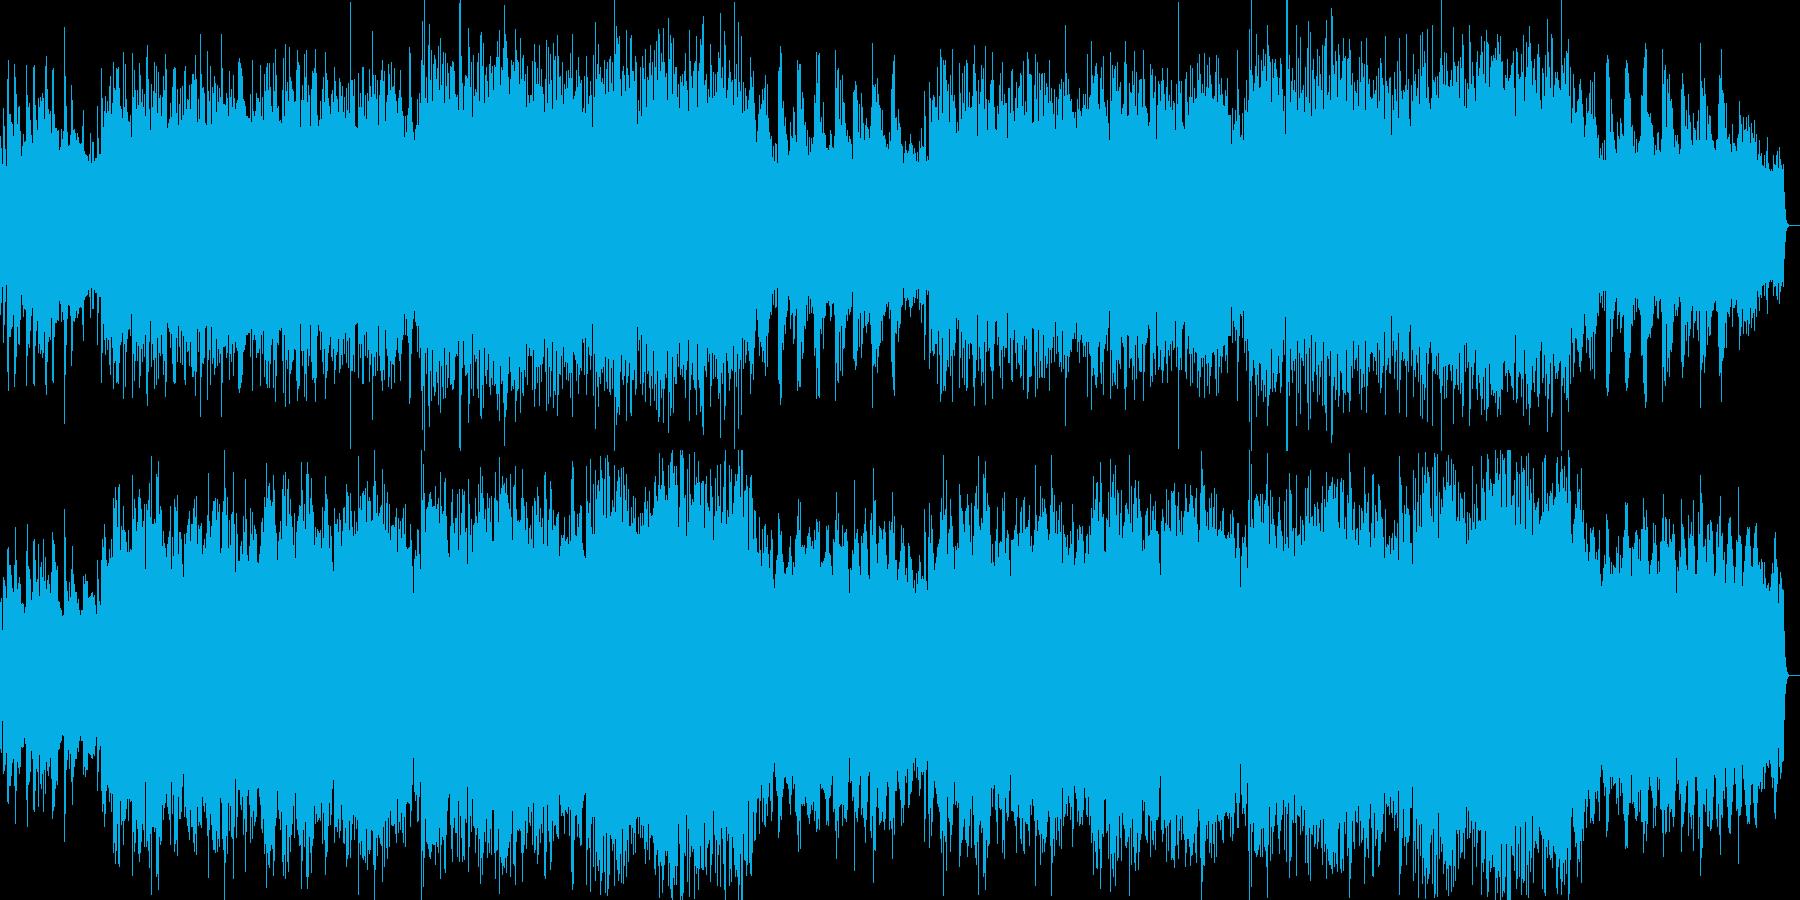 華やかで感動的なライトクラシックの再生済みの波形